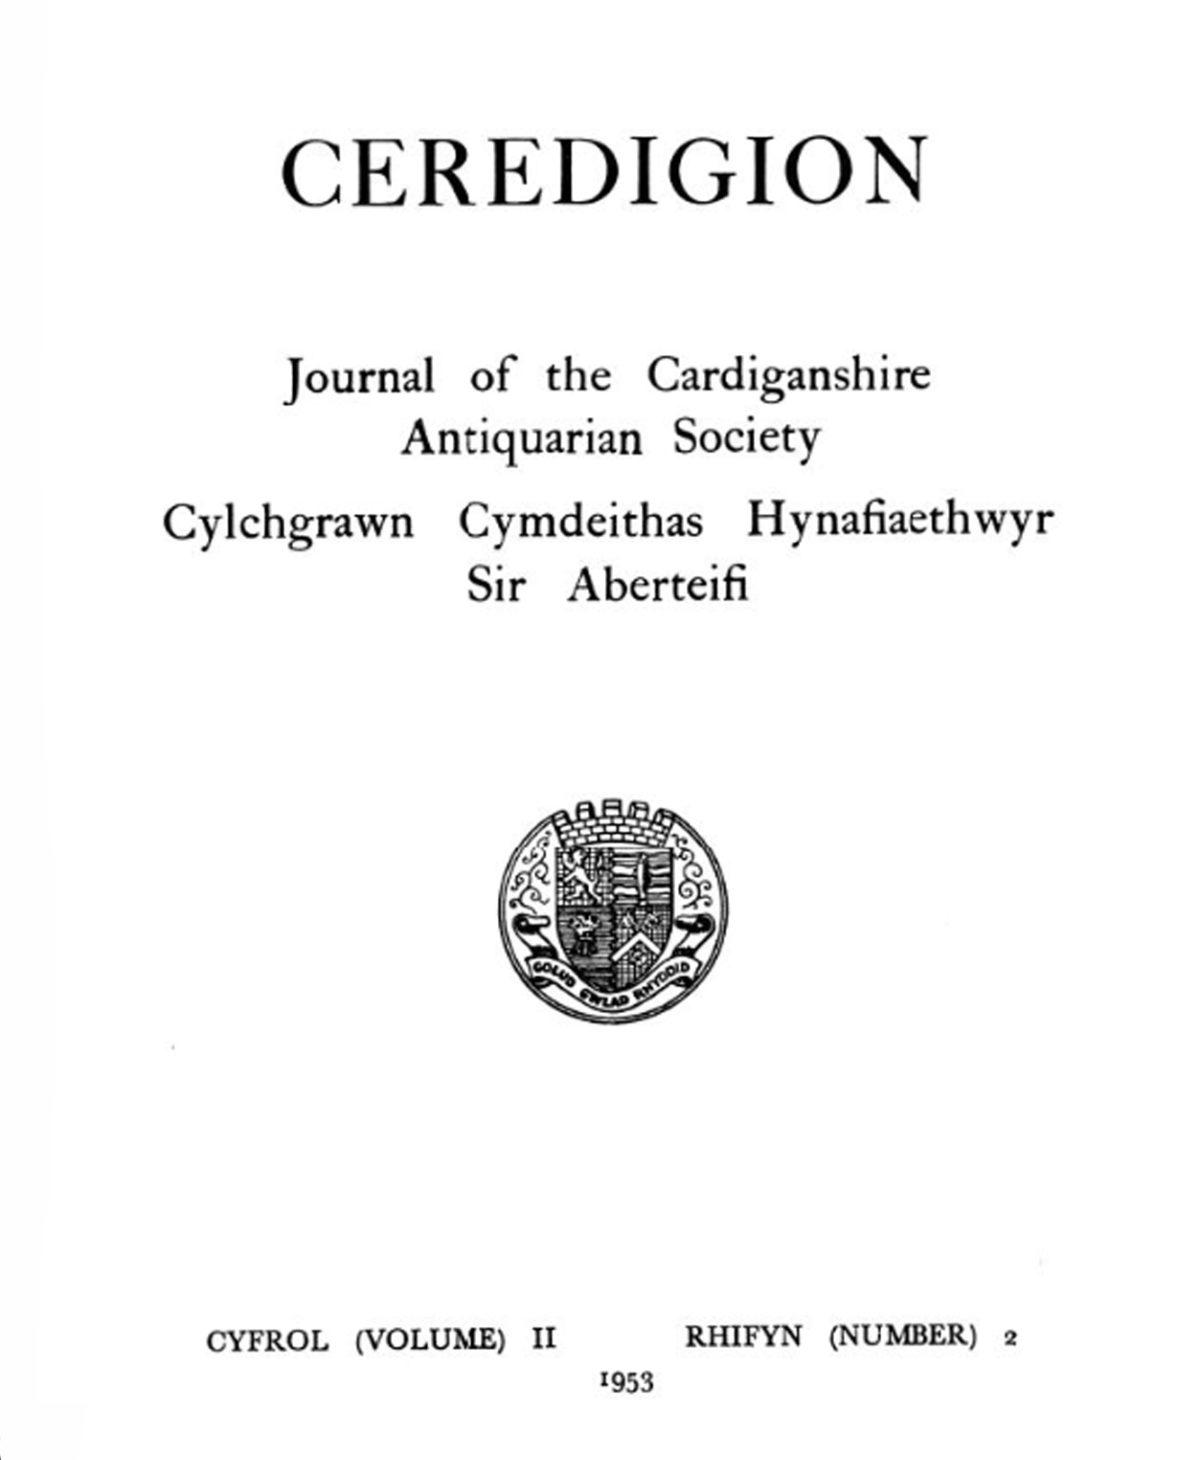 Ceredigion – Cylchgrawn Cymdeithas Hynafiaethwyr Sir Aberteifi, 1953 Vol II No 2